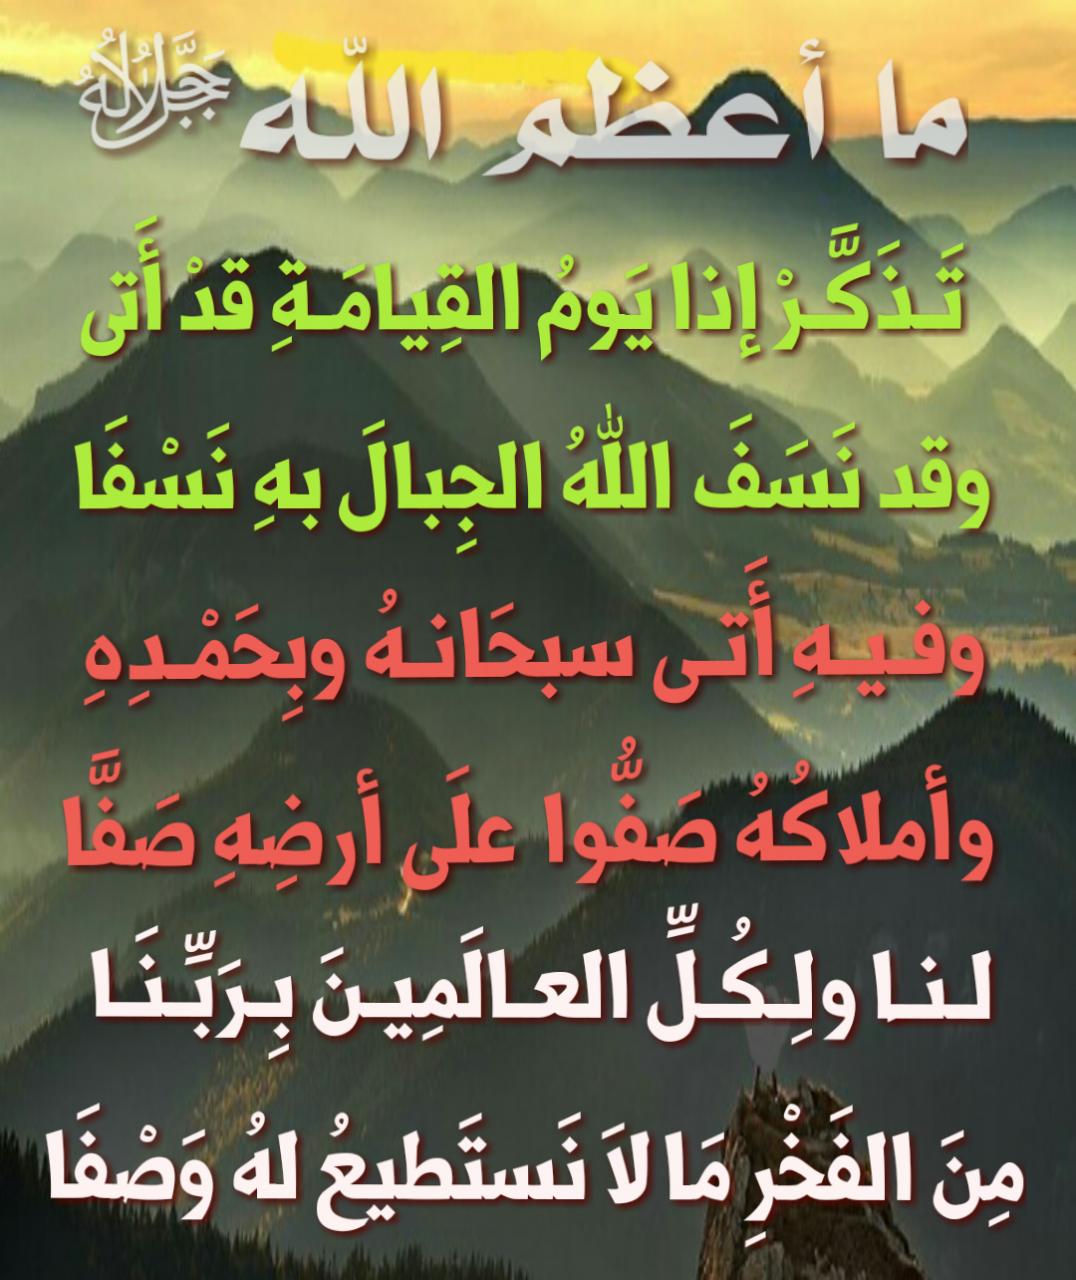 قصيدة في مدح الله , ابيات شعريه في حب الله - افخم فخمه